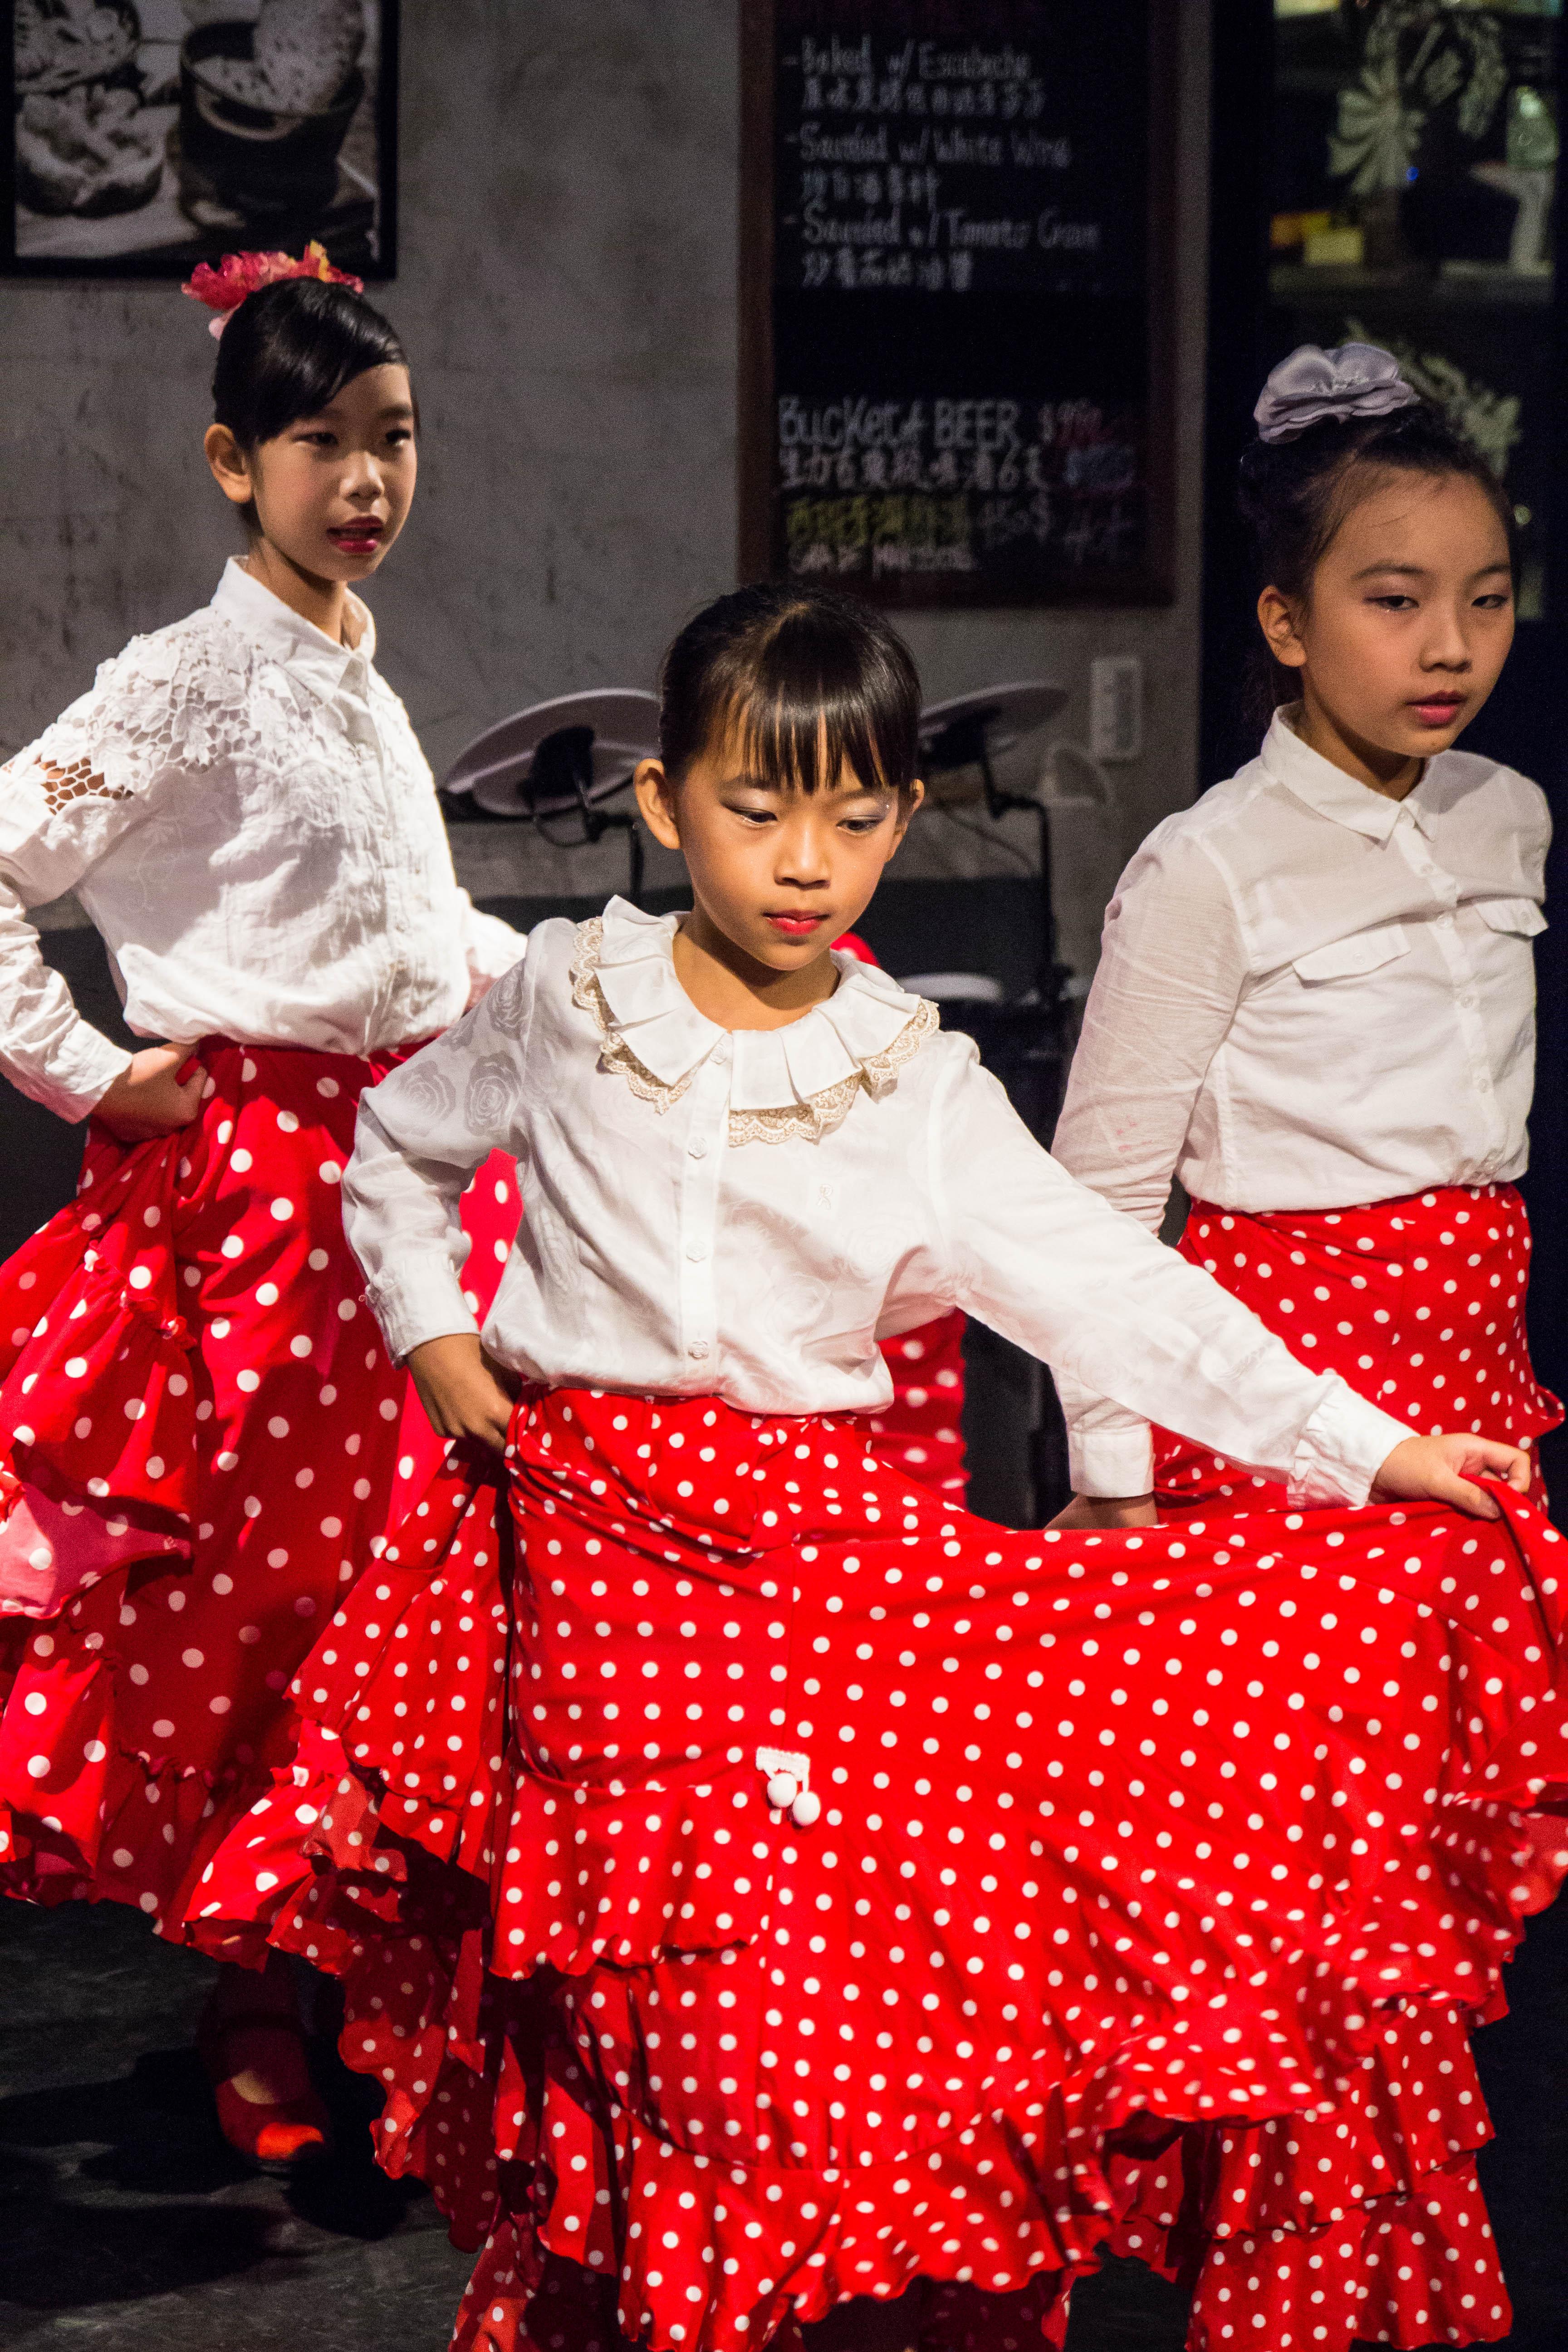 舞會現場由國北教大實小及大豐國小學生共同完成演出佛朗明哥舞蹈表演。攝影/高子涵